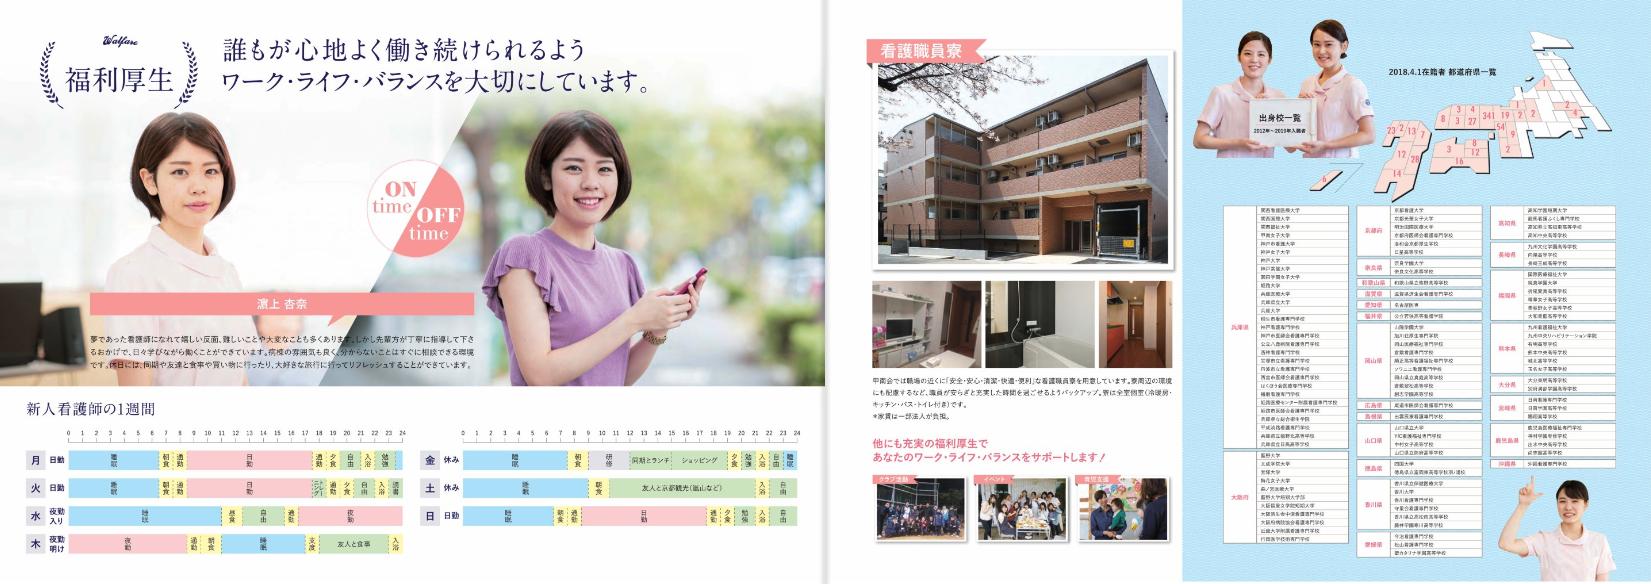 2016年12月作成「甲南会」看護部パンフレット_サブ画像